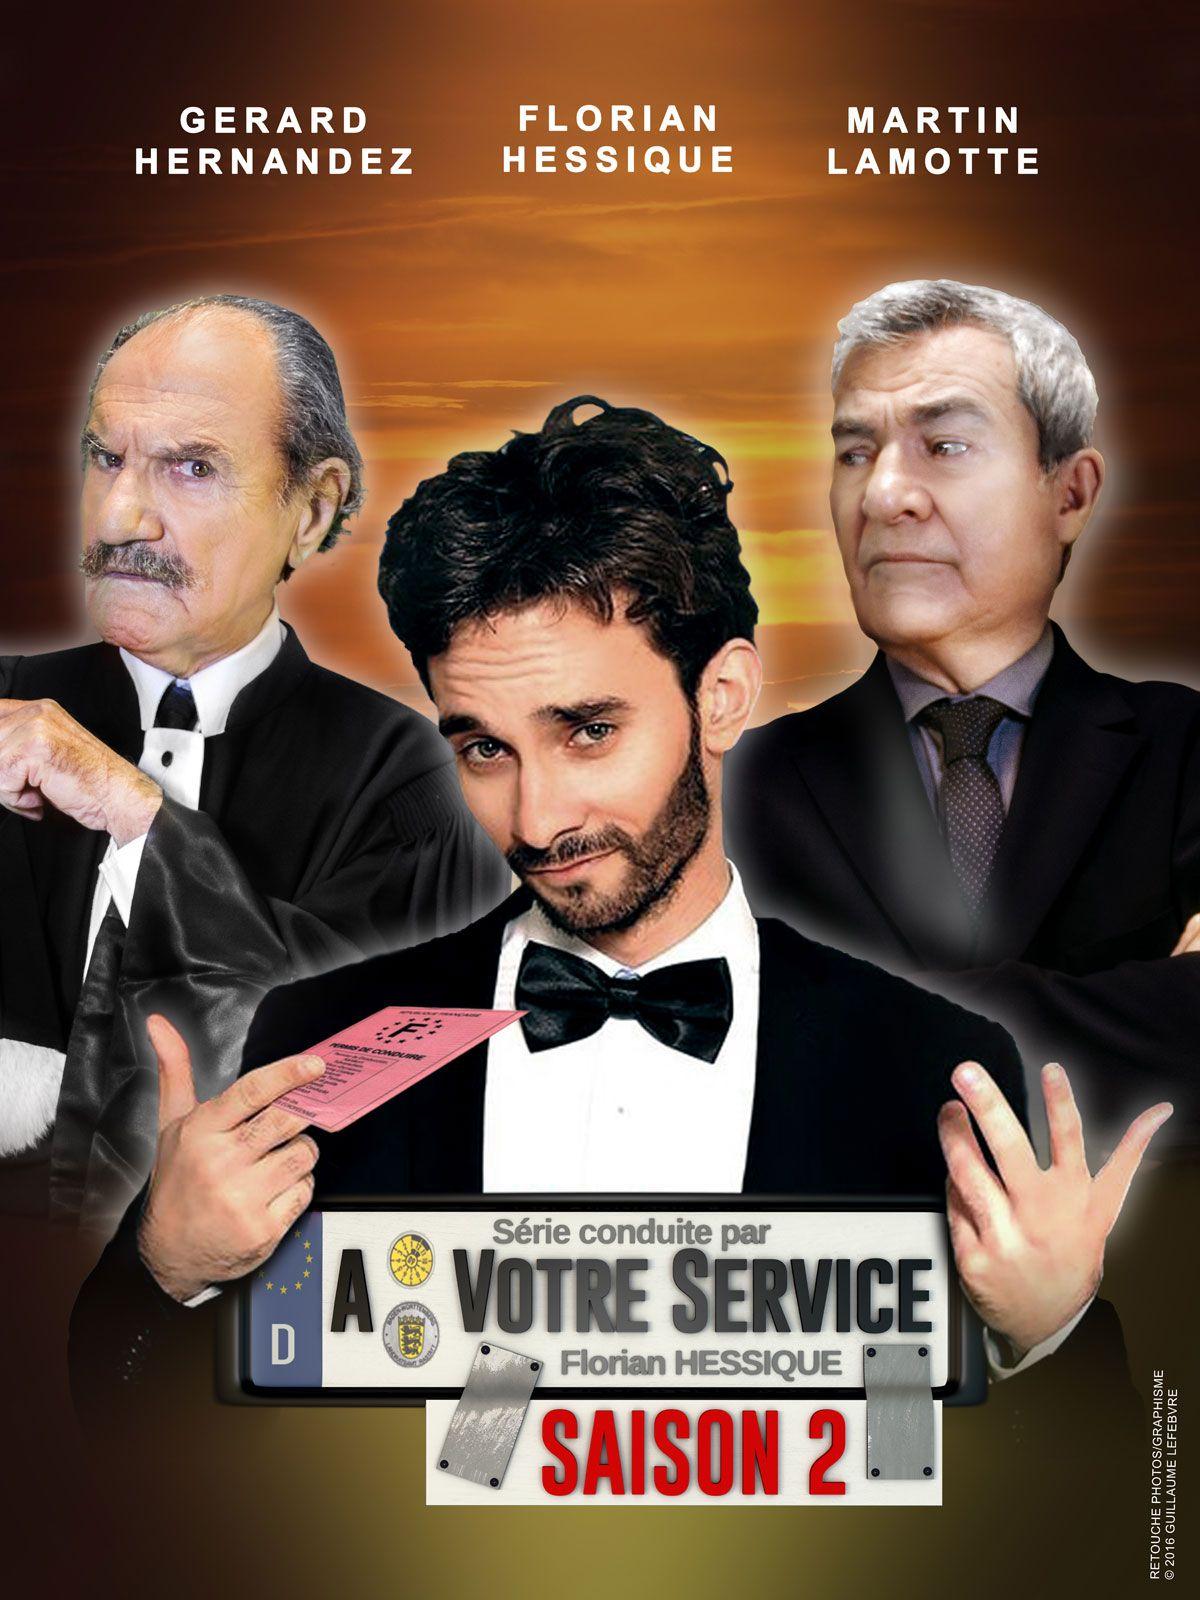 A Votre Service Saison 1 Les Saisons Gerard Hernandez Et